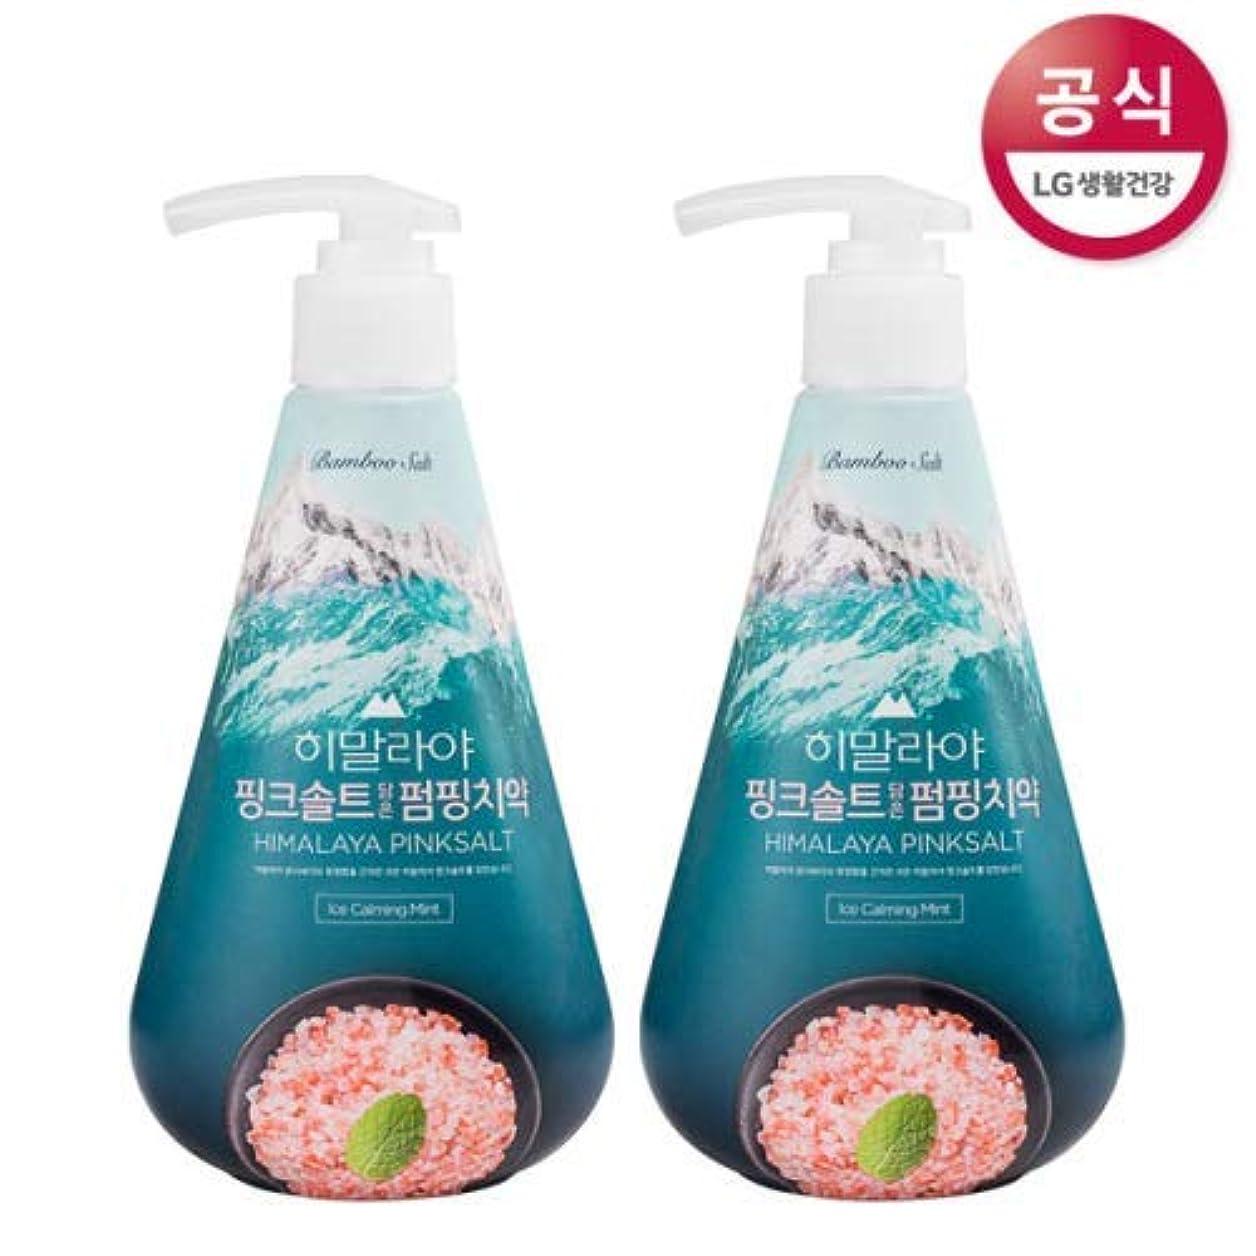 刺す電気陽性厳[LG Care/LG生活健康]ヒマラヤピンクソルトポンピング歯磨き粉アイスカミングミント285gx2個/歯磨きセットスペシャル?リミテッドToothpaste Set Special Limited Korea(海外直送品)